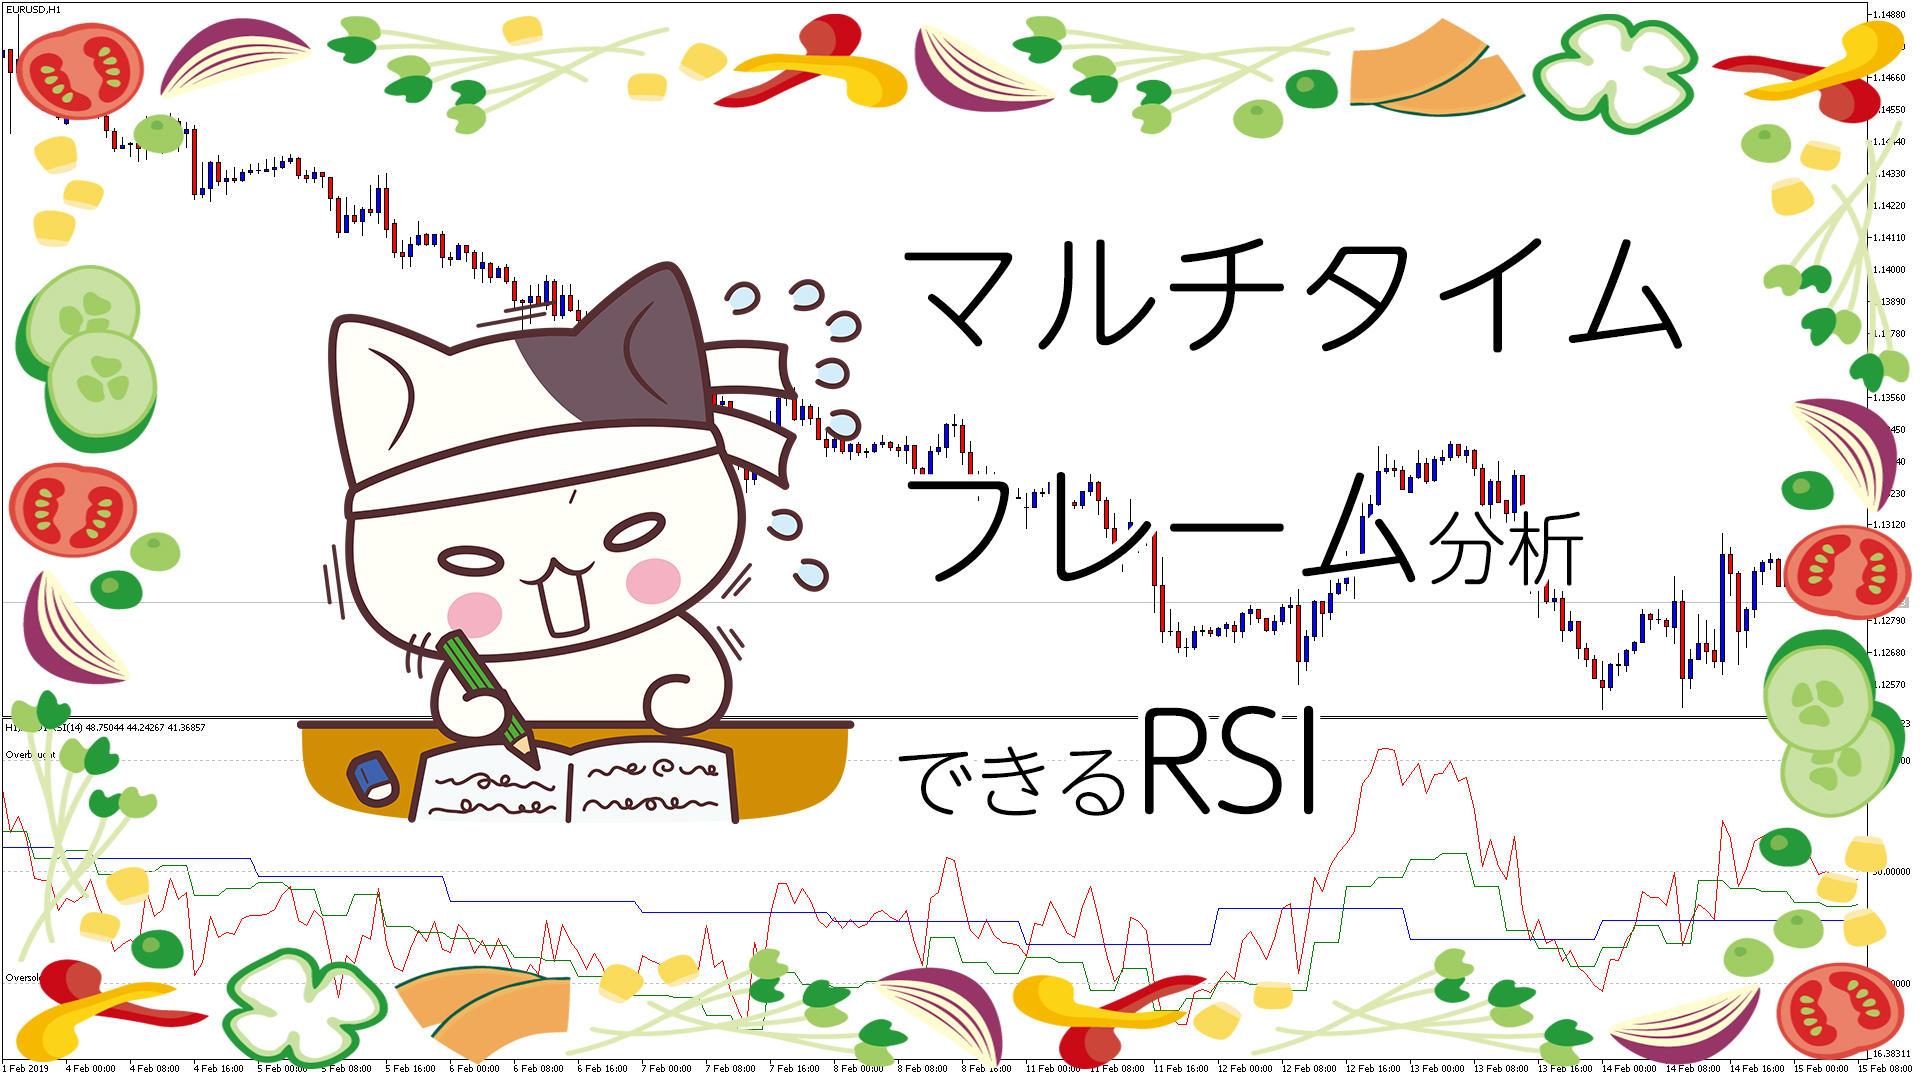 マルチタイムフレーム分析できるRSIを表示するMT5インジケータ-「MTF_RSI」